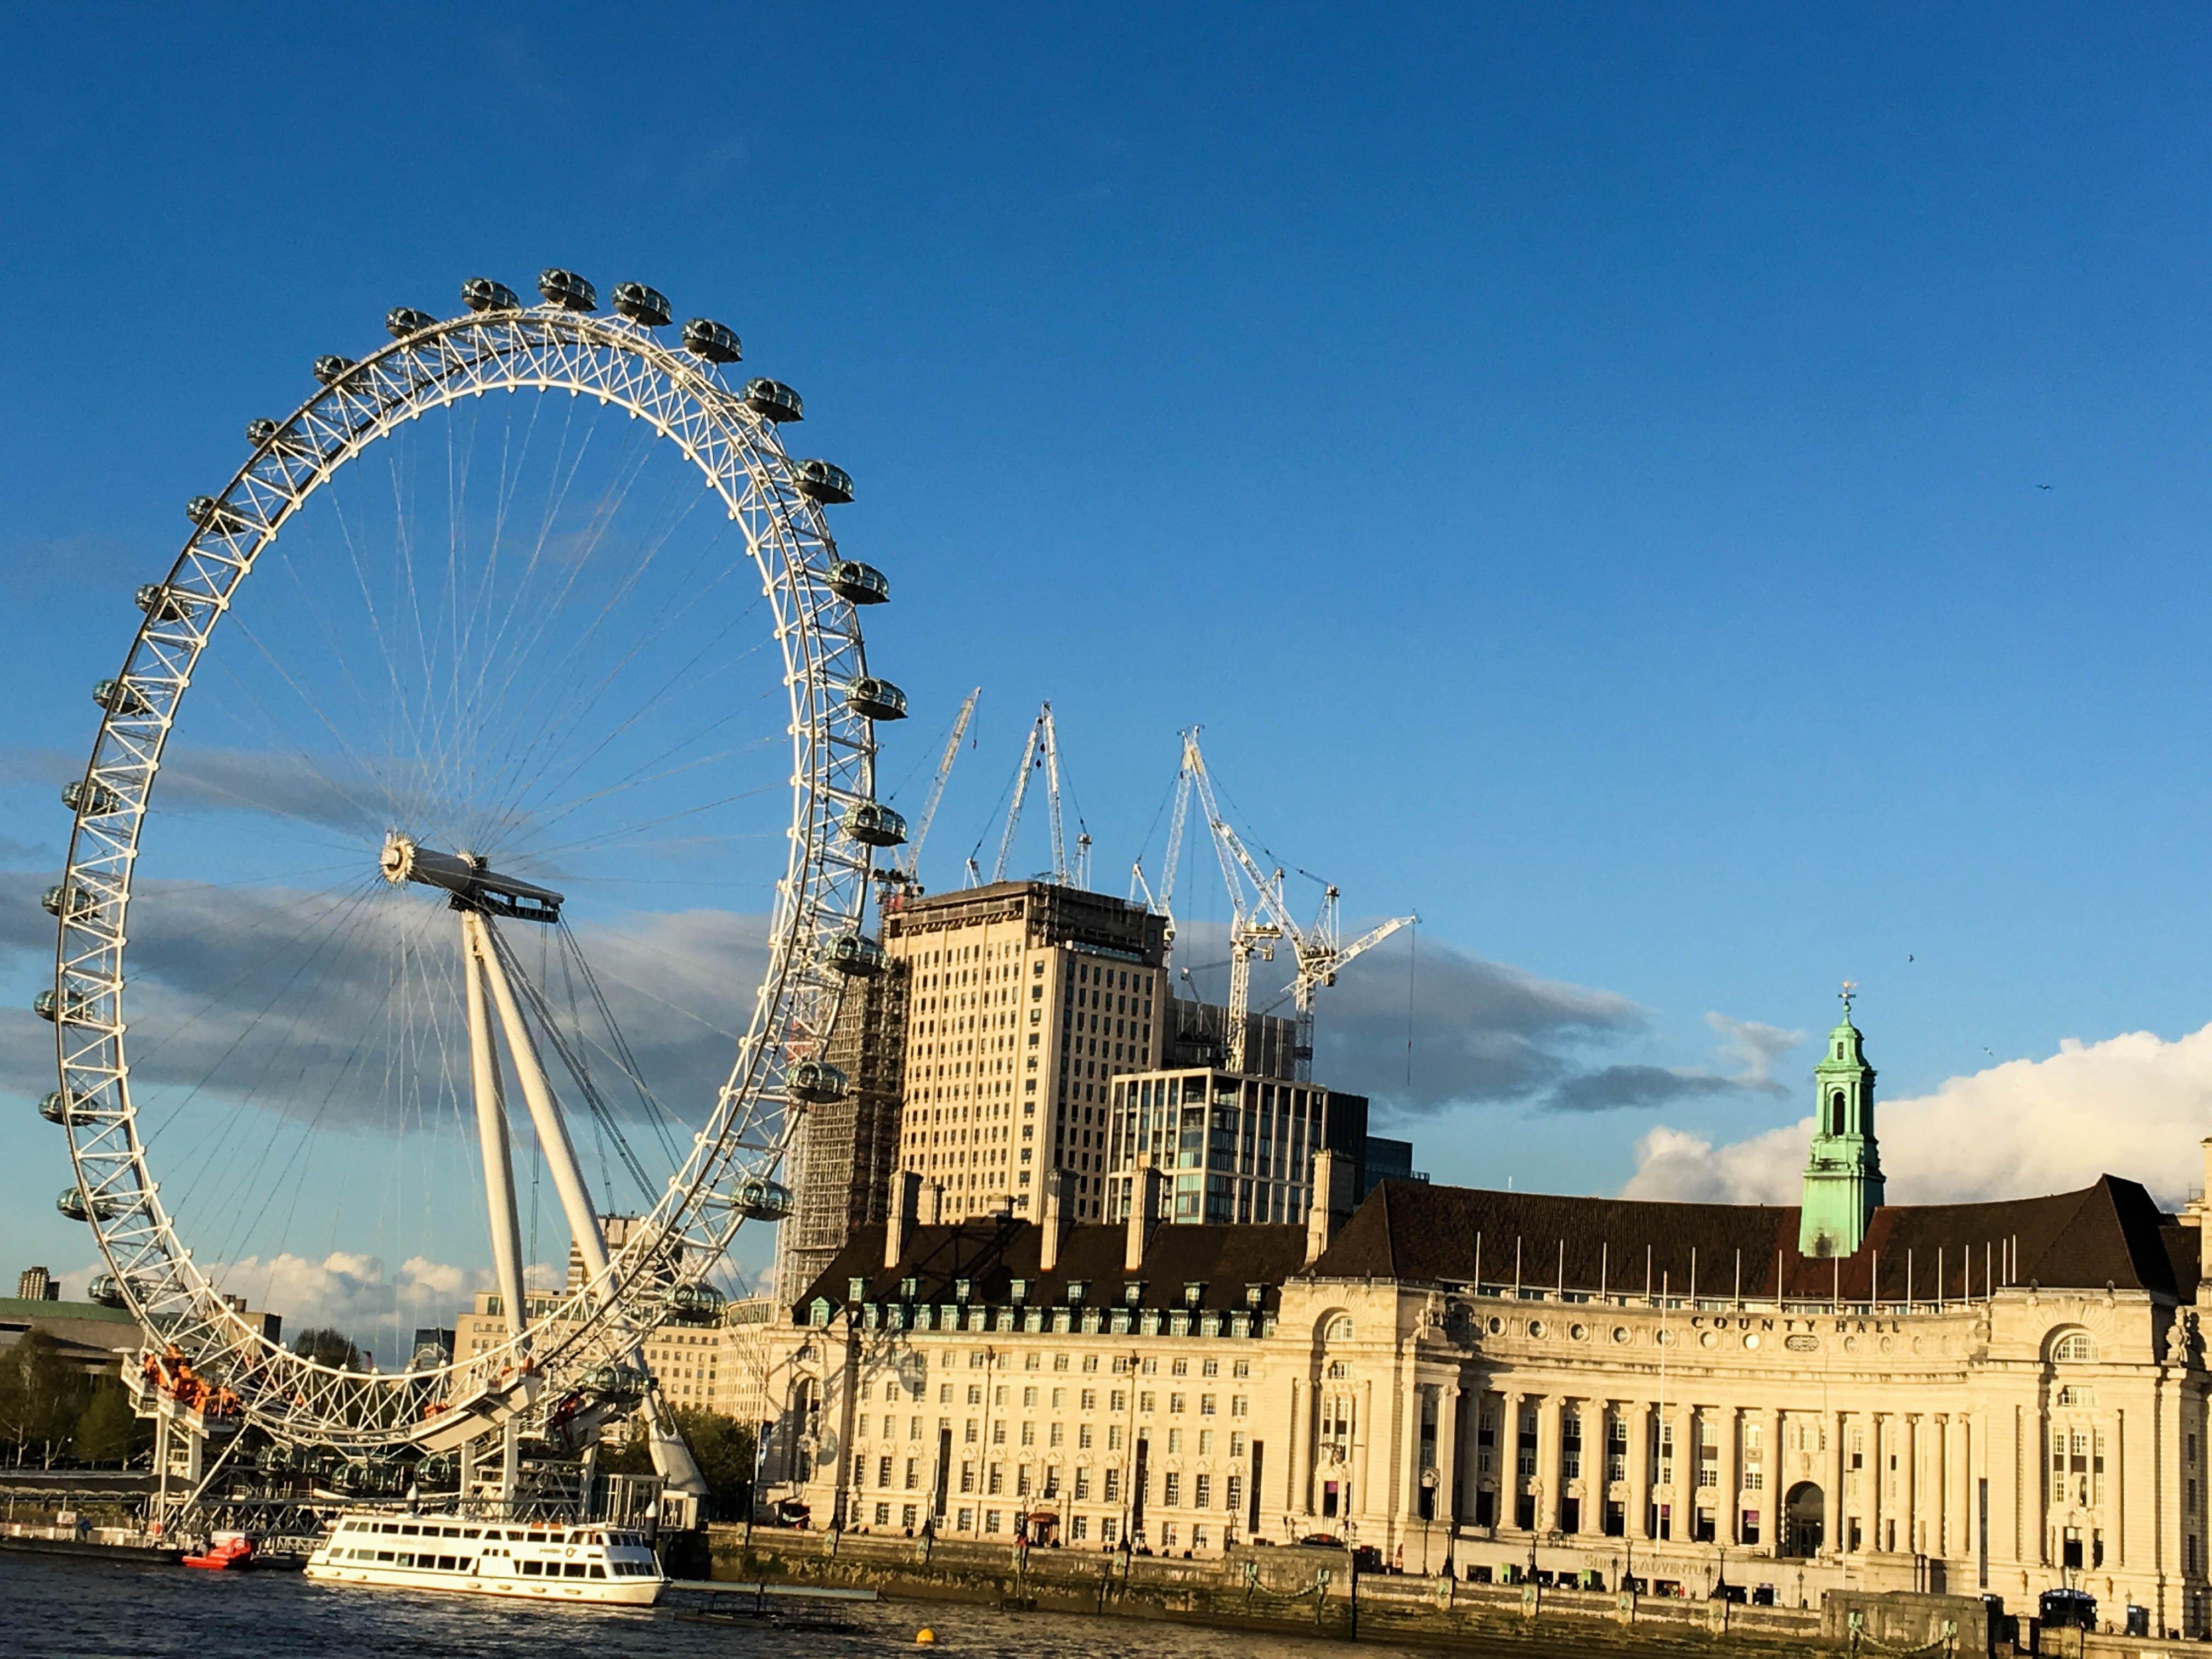 Londyn, Subiektywny przewodnik po Londynie, Gmale Goes To London, Bloger modowy w Londynie, Jak się ubrać do Londynu, Moda męska, London Eye